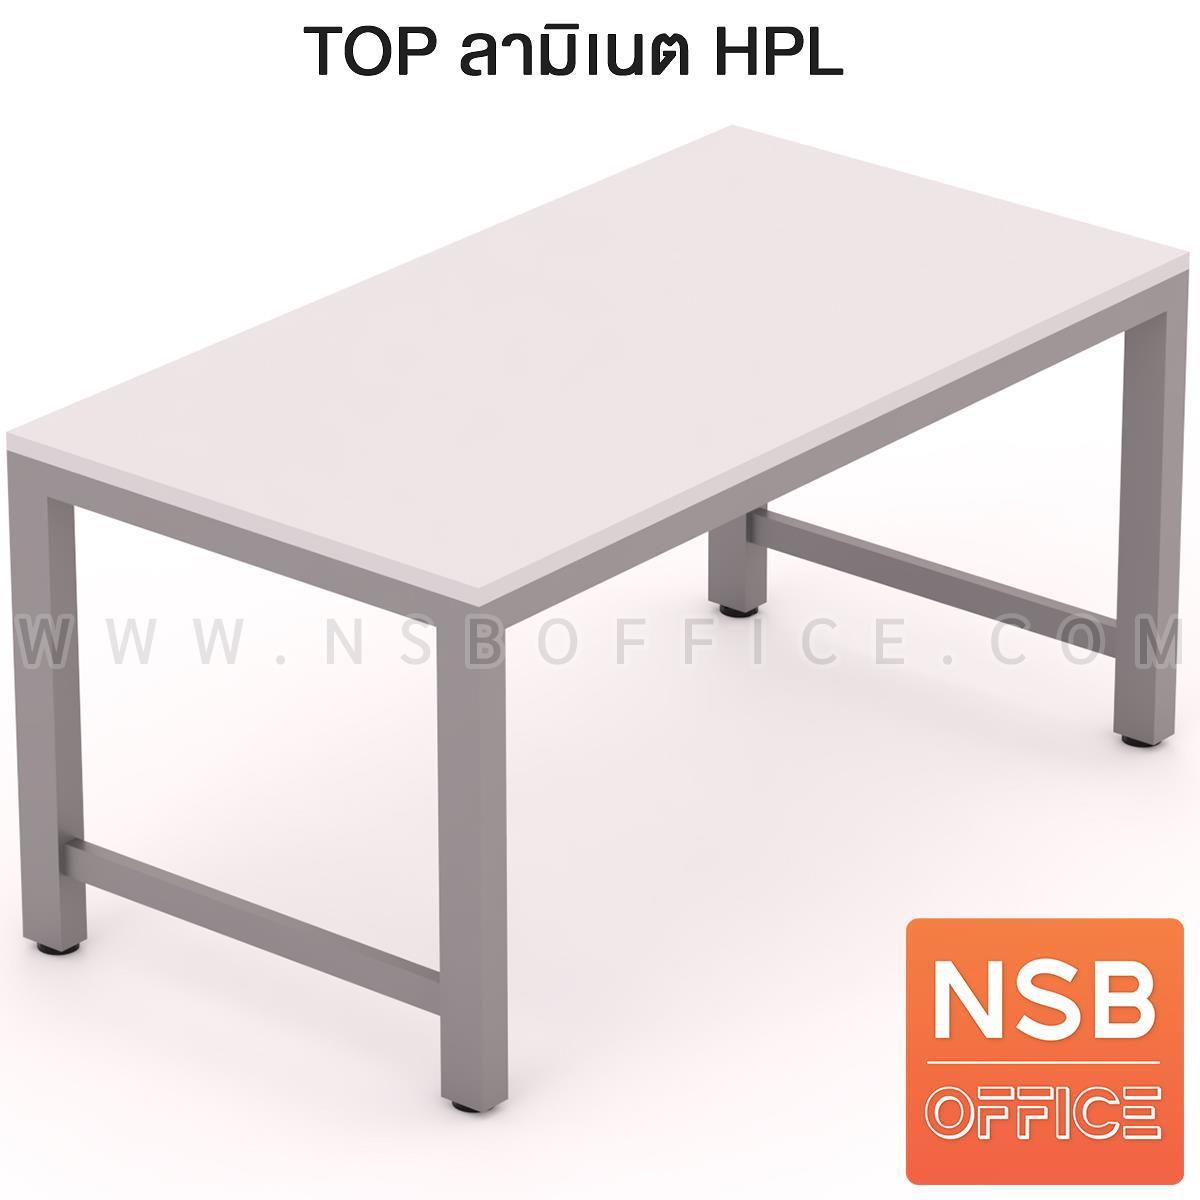 โต๊ะปฏิบัติการ รุ่น Omega (โอเมก้า) ขนาด 150W*80D cm. หน้าท็อป HPL และ คอมแพคลามิเนต ขาเหล็กเหลี่ยม